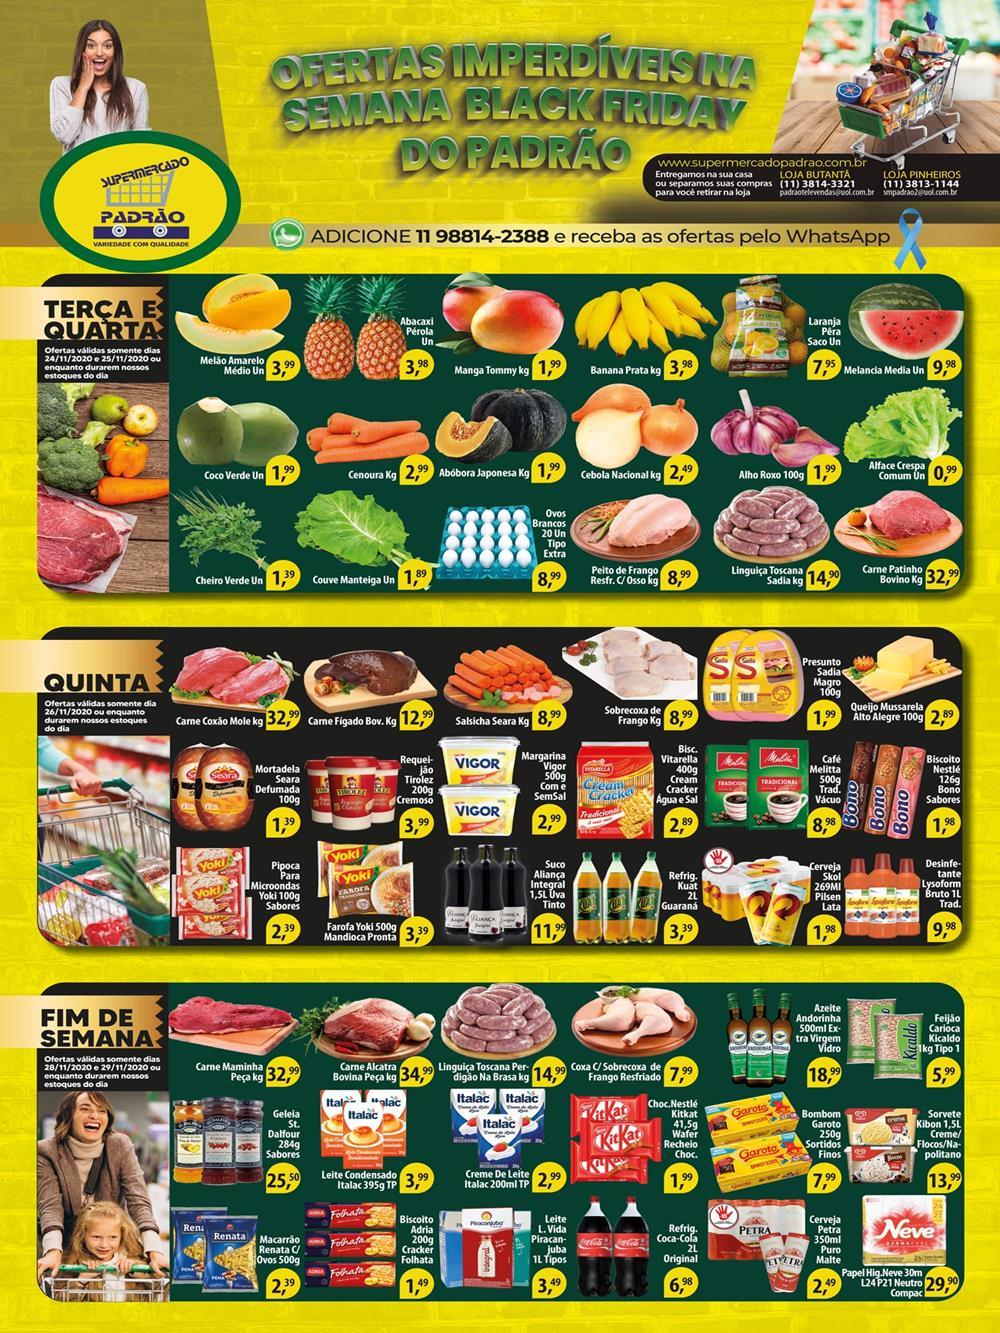 padrao-ofertas-descontos-hoje1-12 Black Friday Supermercados